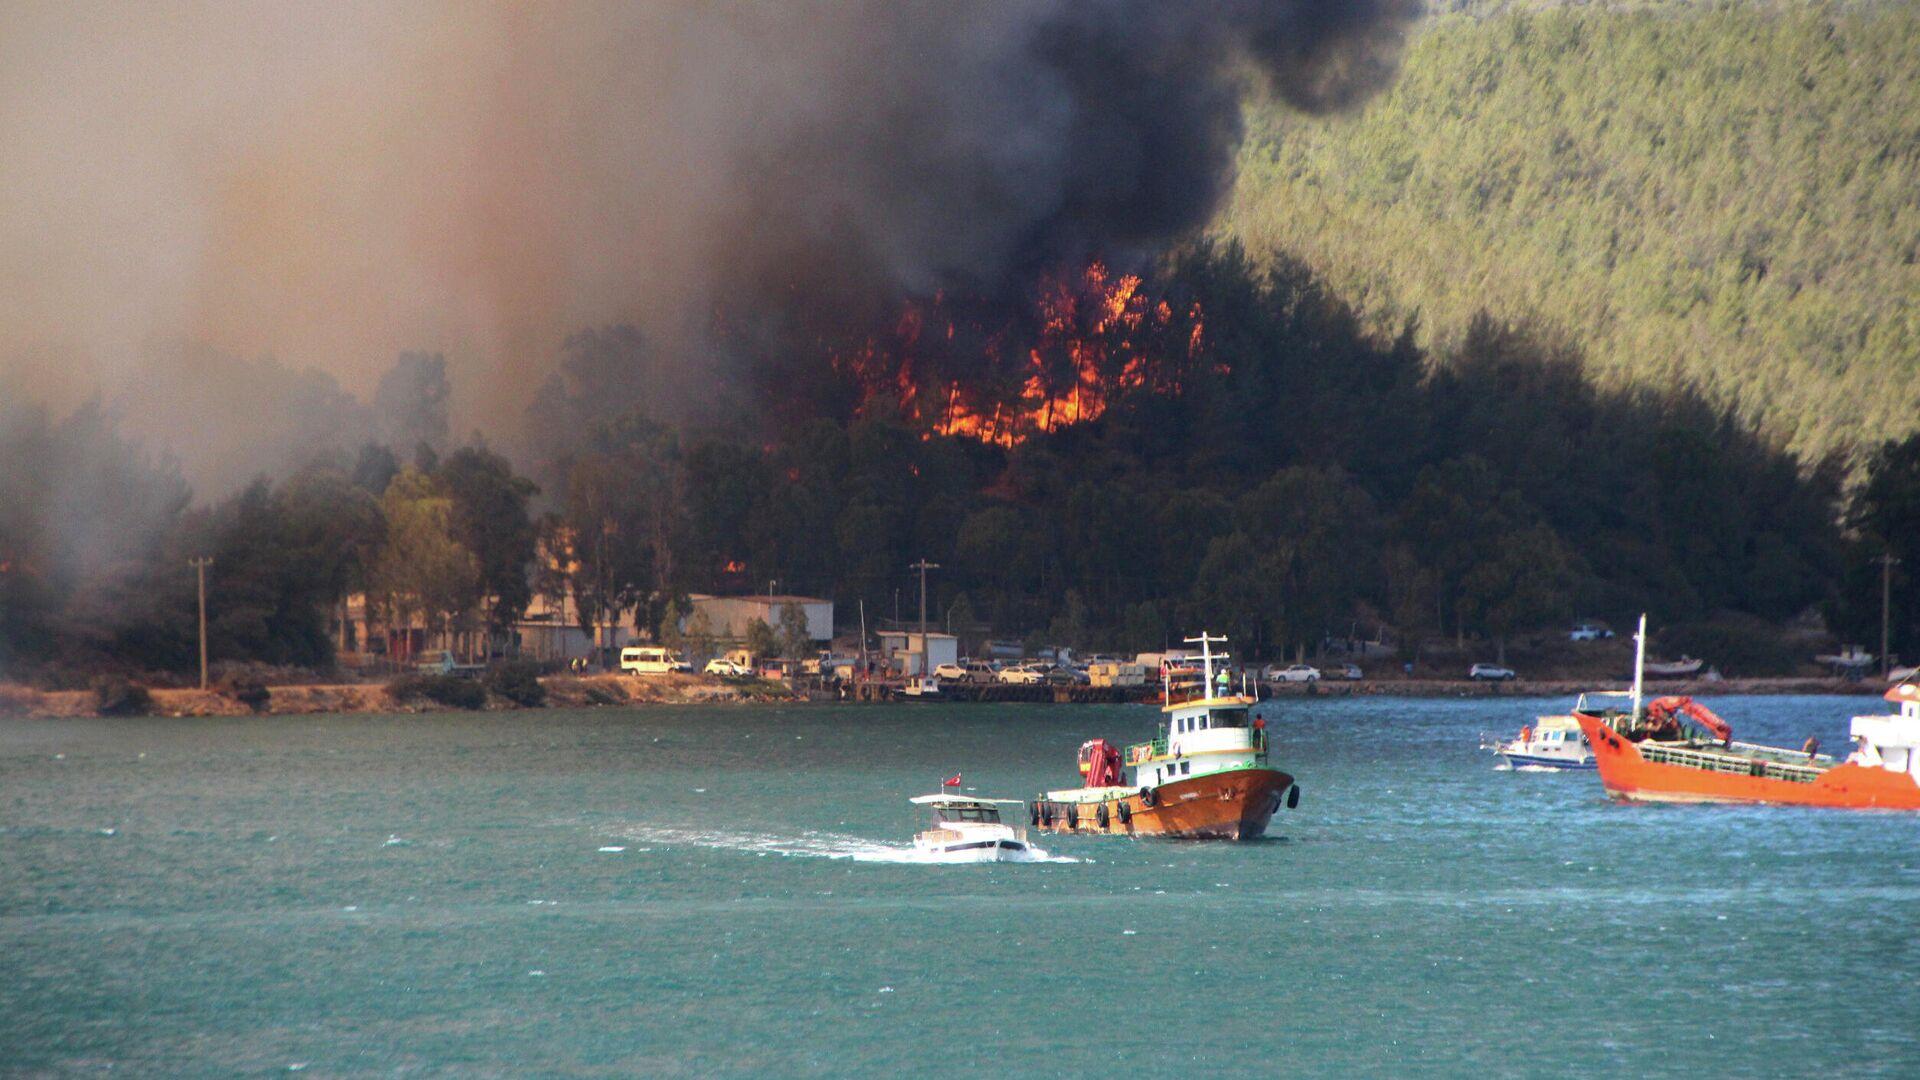 Дым поднимается от лесного пожара в прибрежном городе Бодрум, Турция - РИА Новости, 1920, 30.07.2021